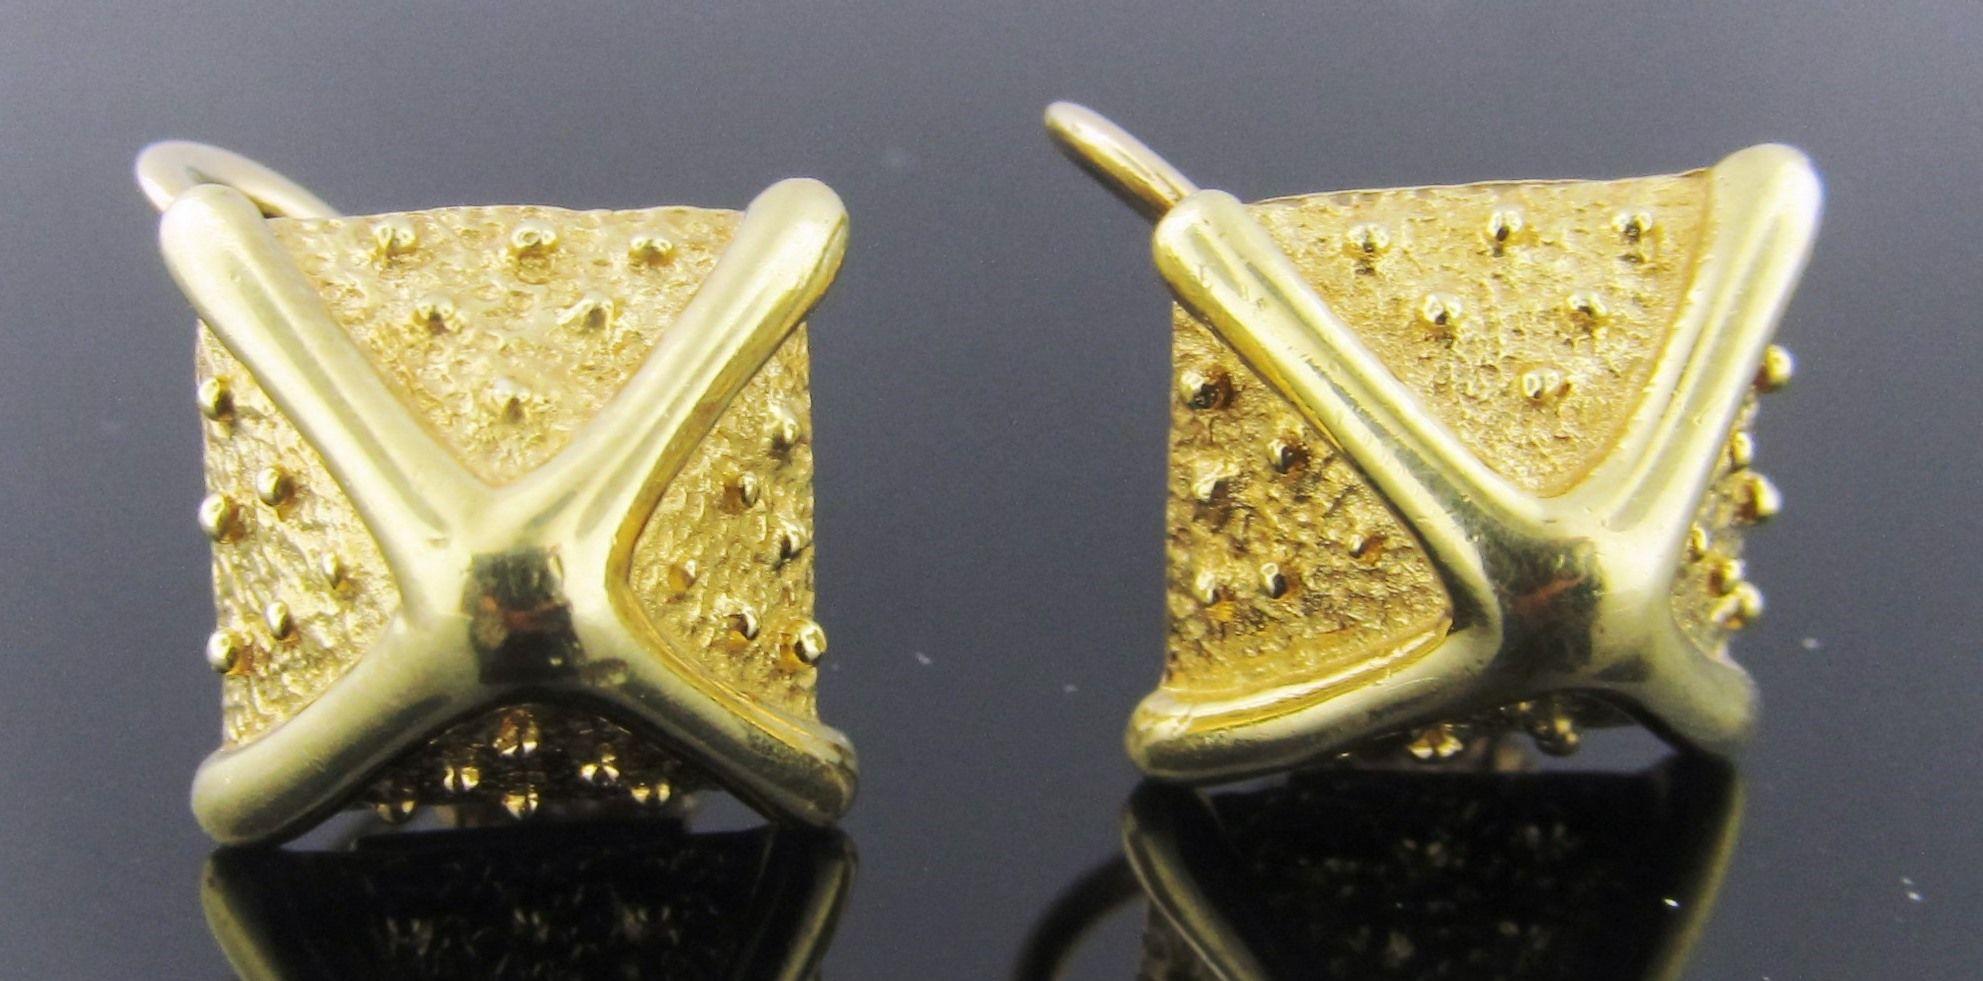 Ferro Jewelers - Estate Jewelry | 18ky Tiffany & Co. Triangle Earrings